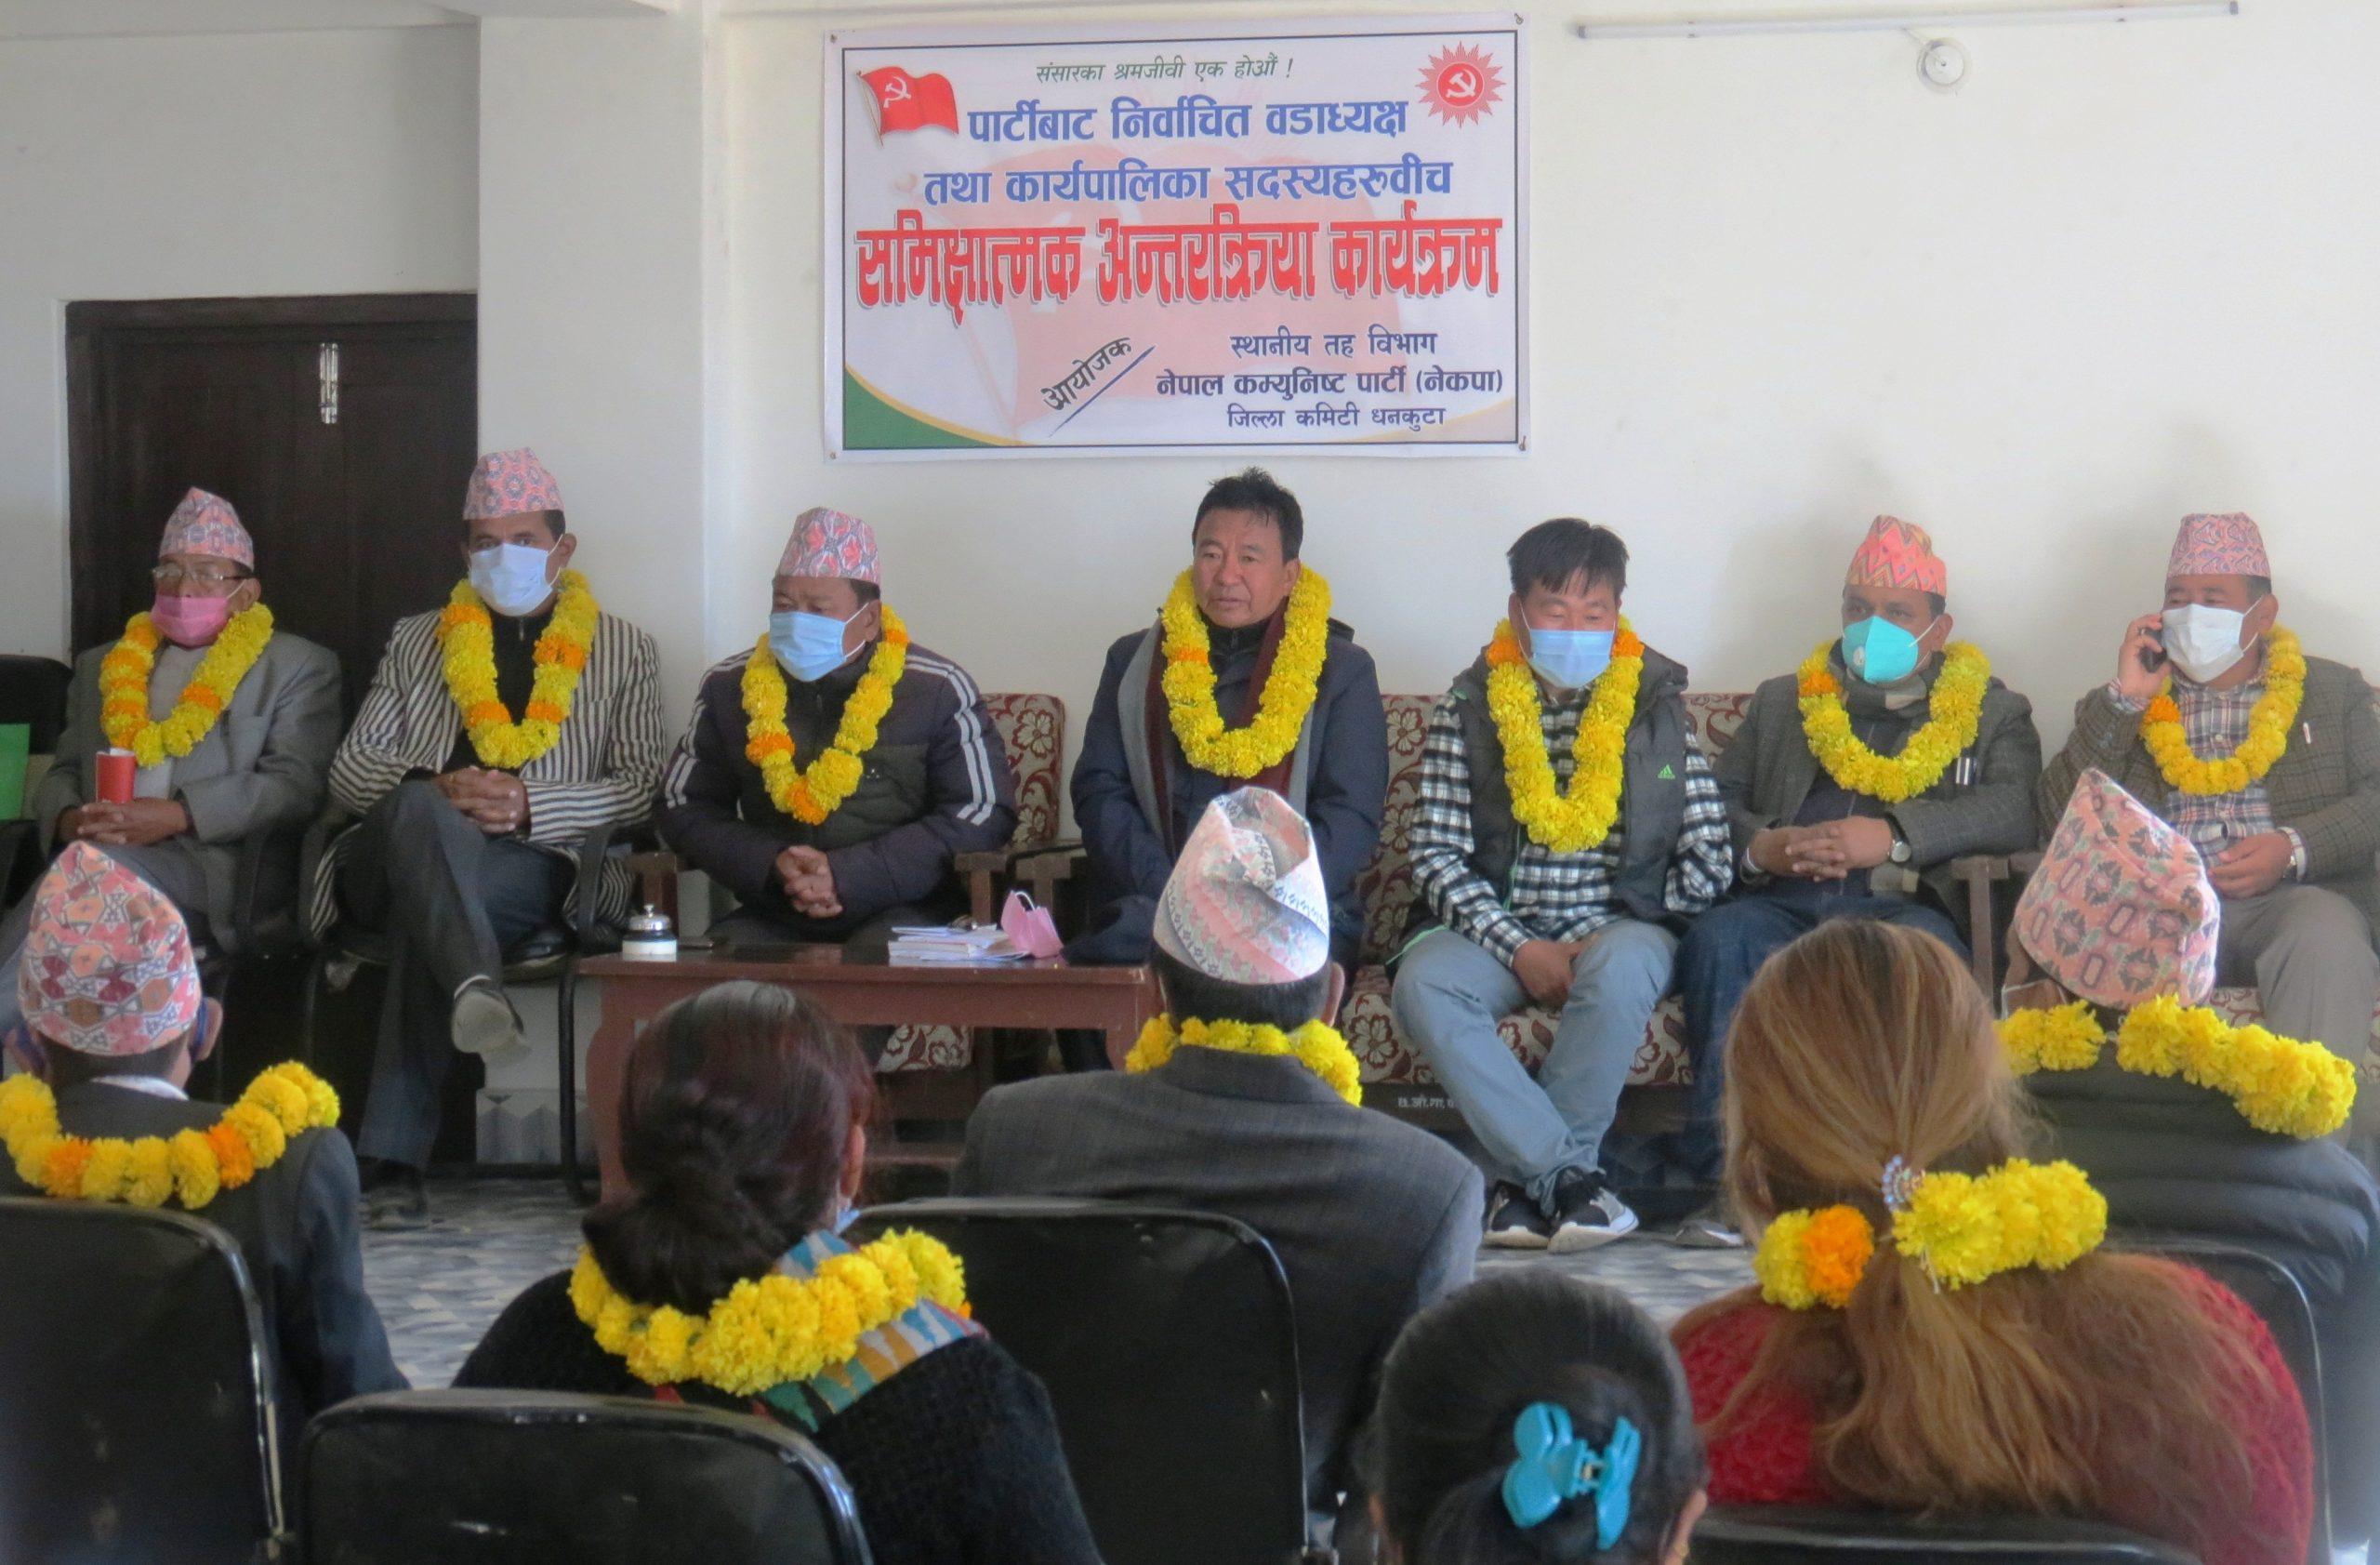 नेकपा धनकुटाको जनप्रतिनिधिलाई निर्देशनः नेतालाई होइन, जनतालाई घरदैलोमा सेवा दिएर खुसी पार्नुस